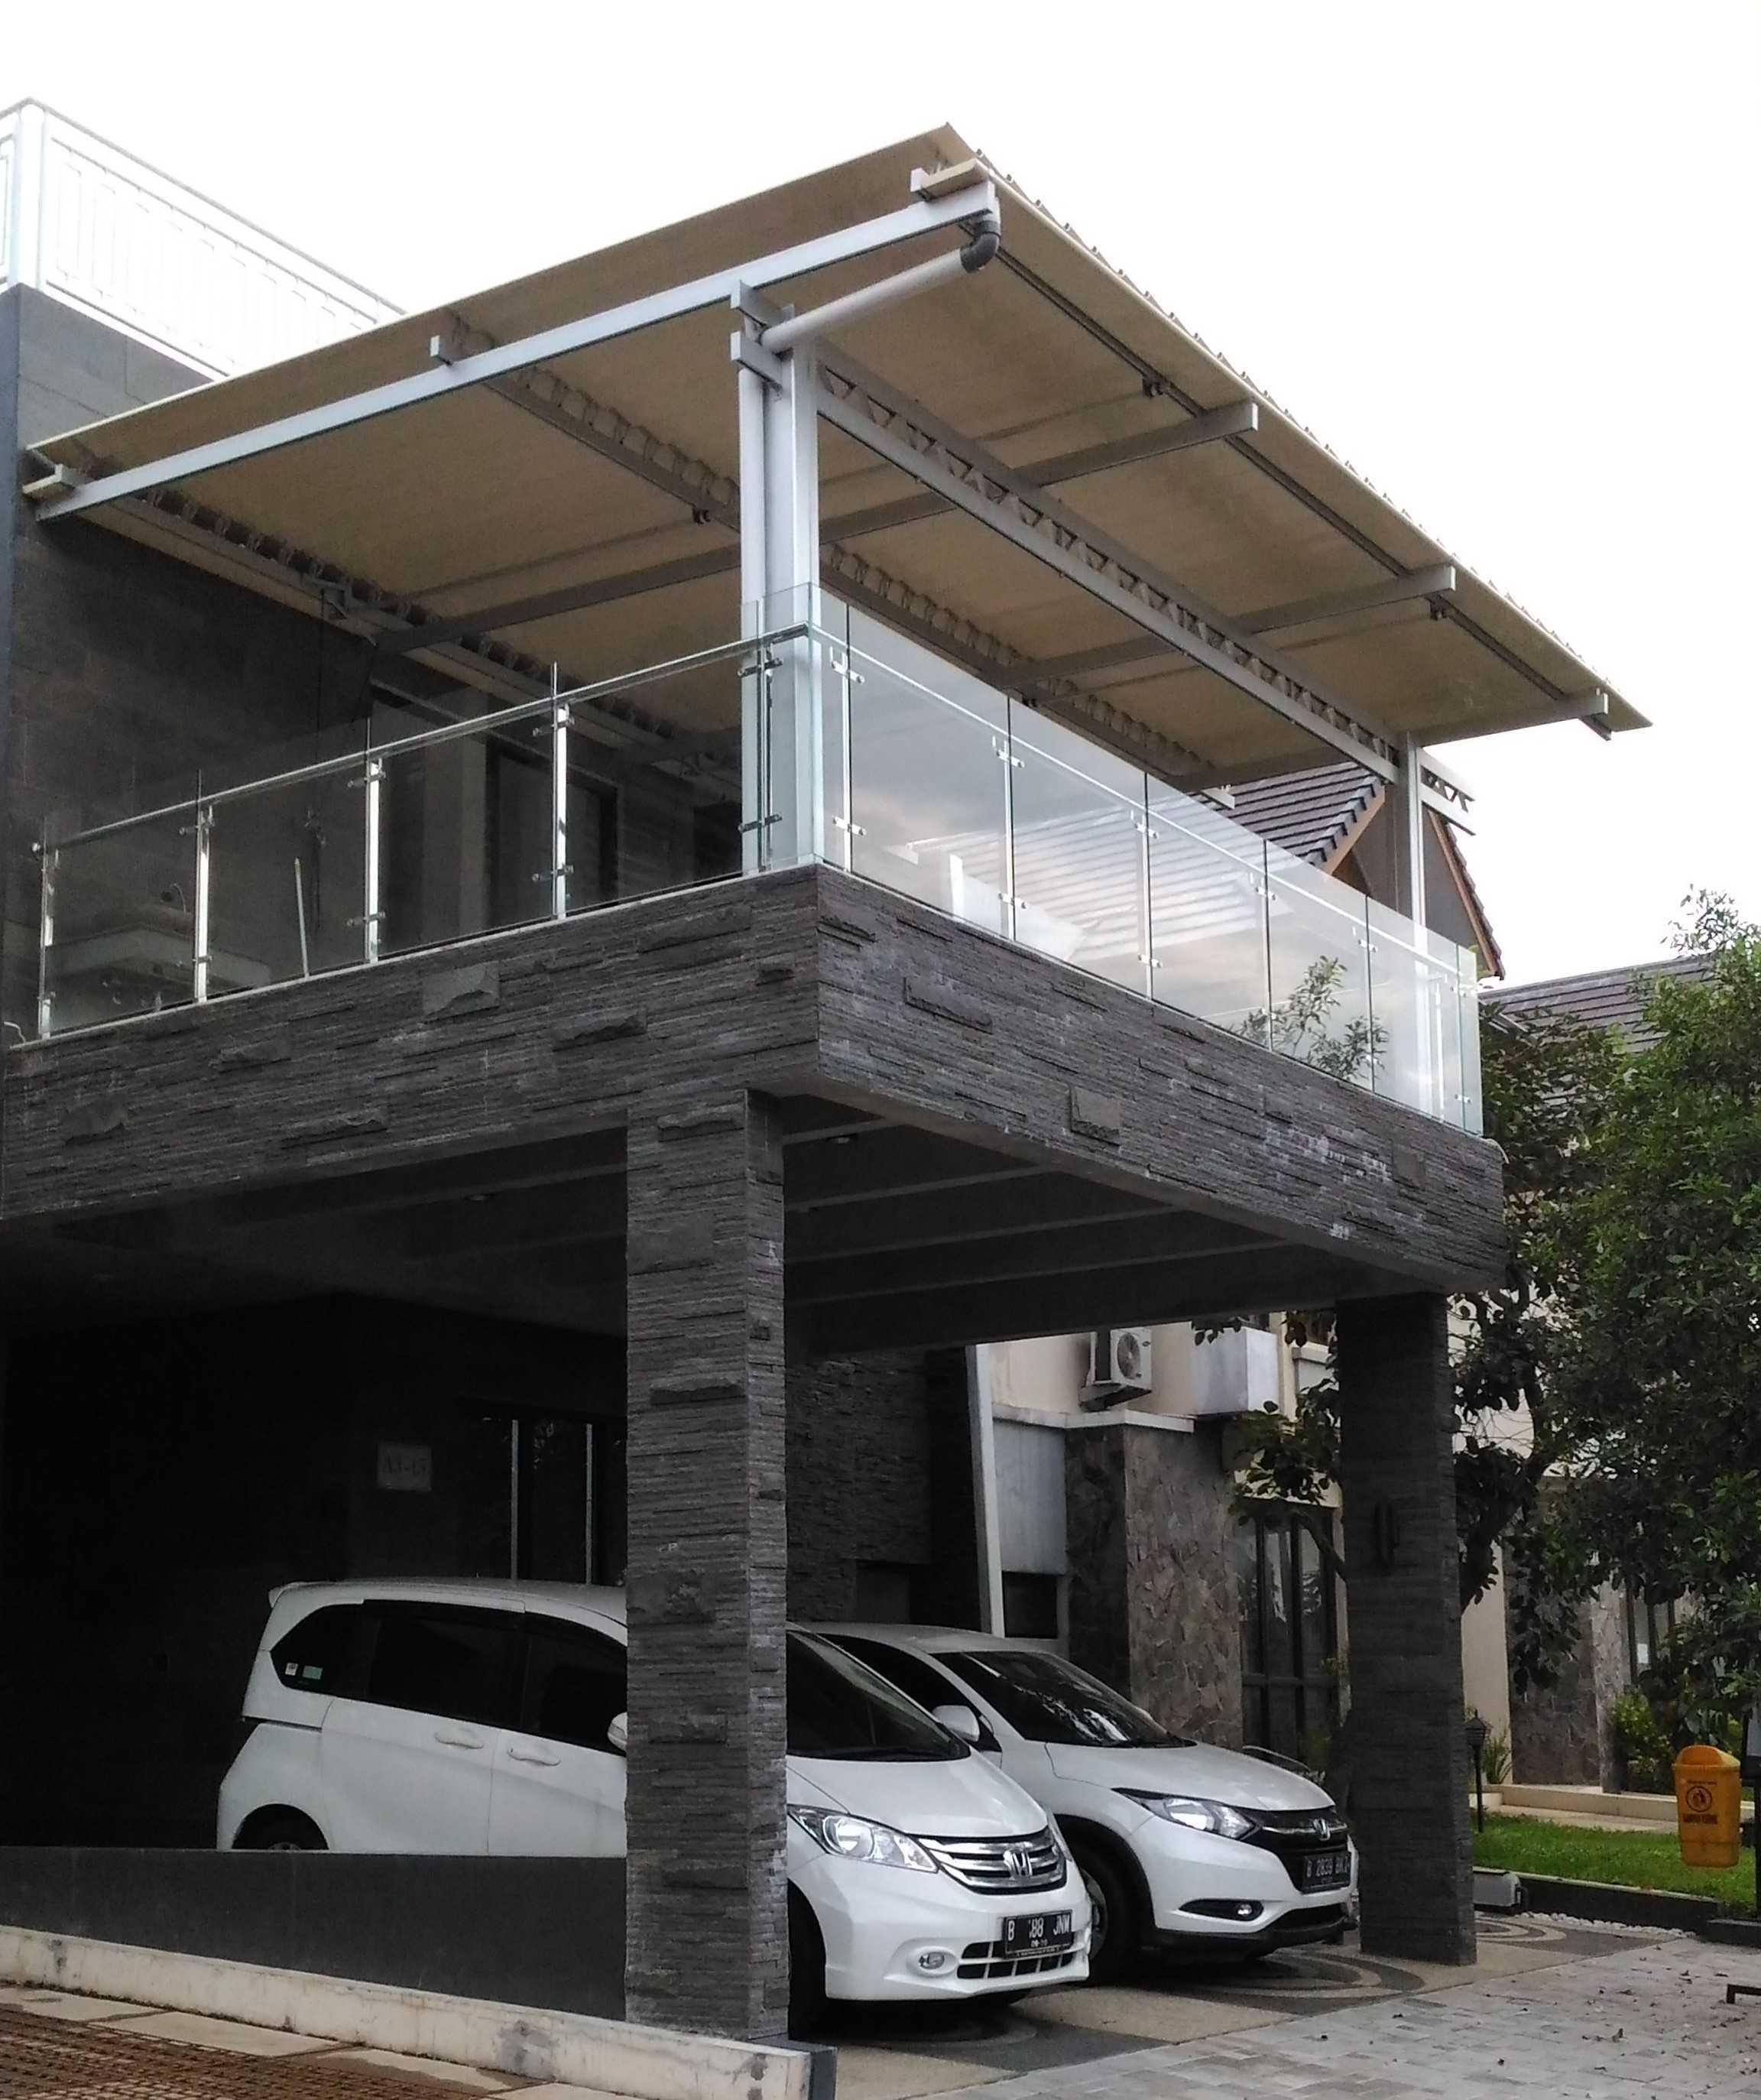 X3M Architects Nittaya A3 15 House Bsd Bsd P20161130173536   25873